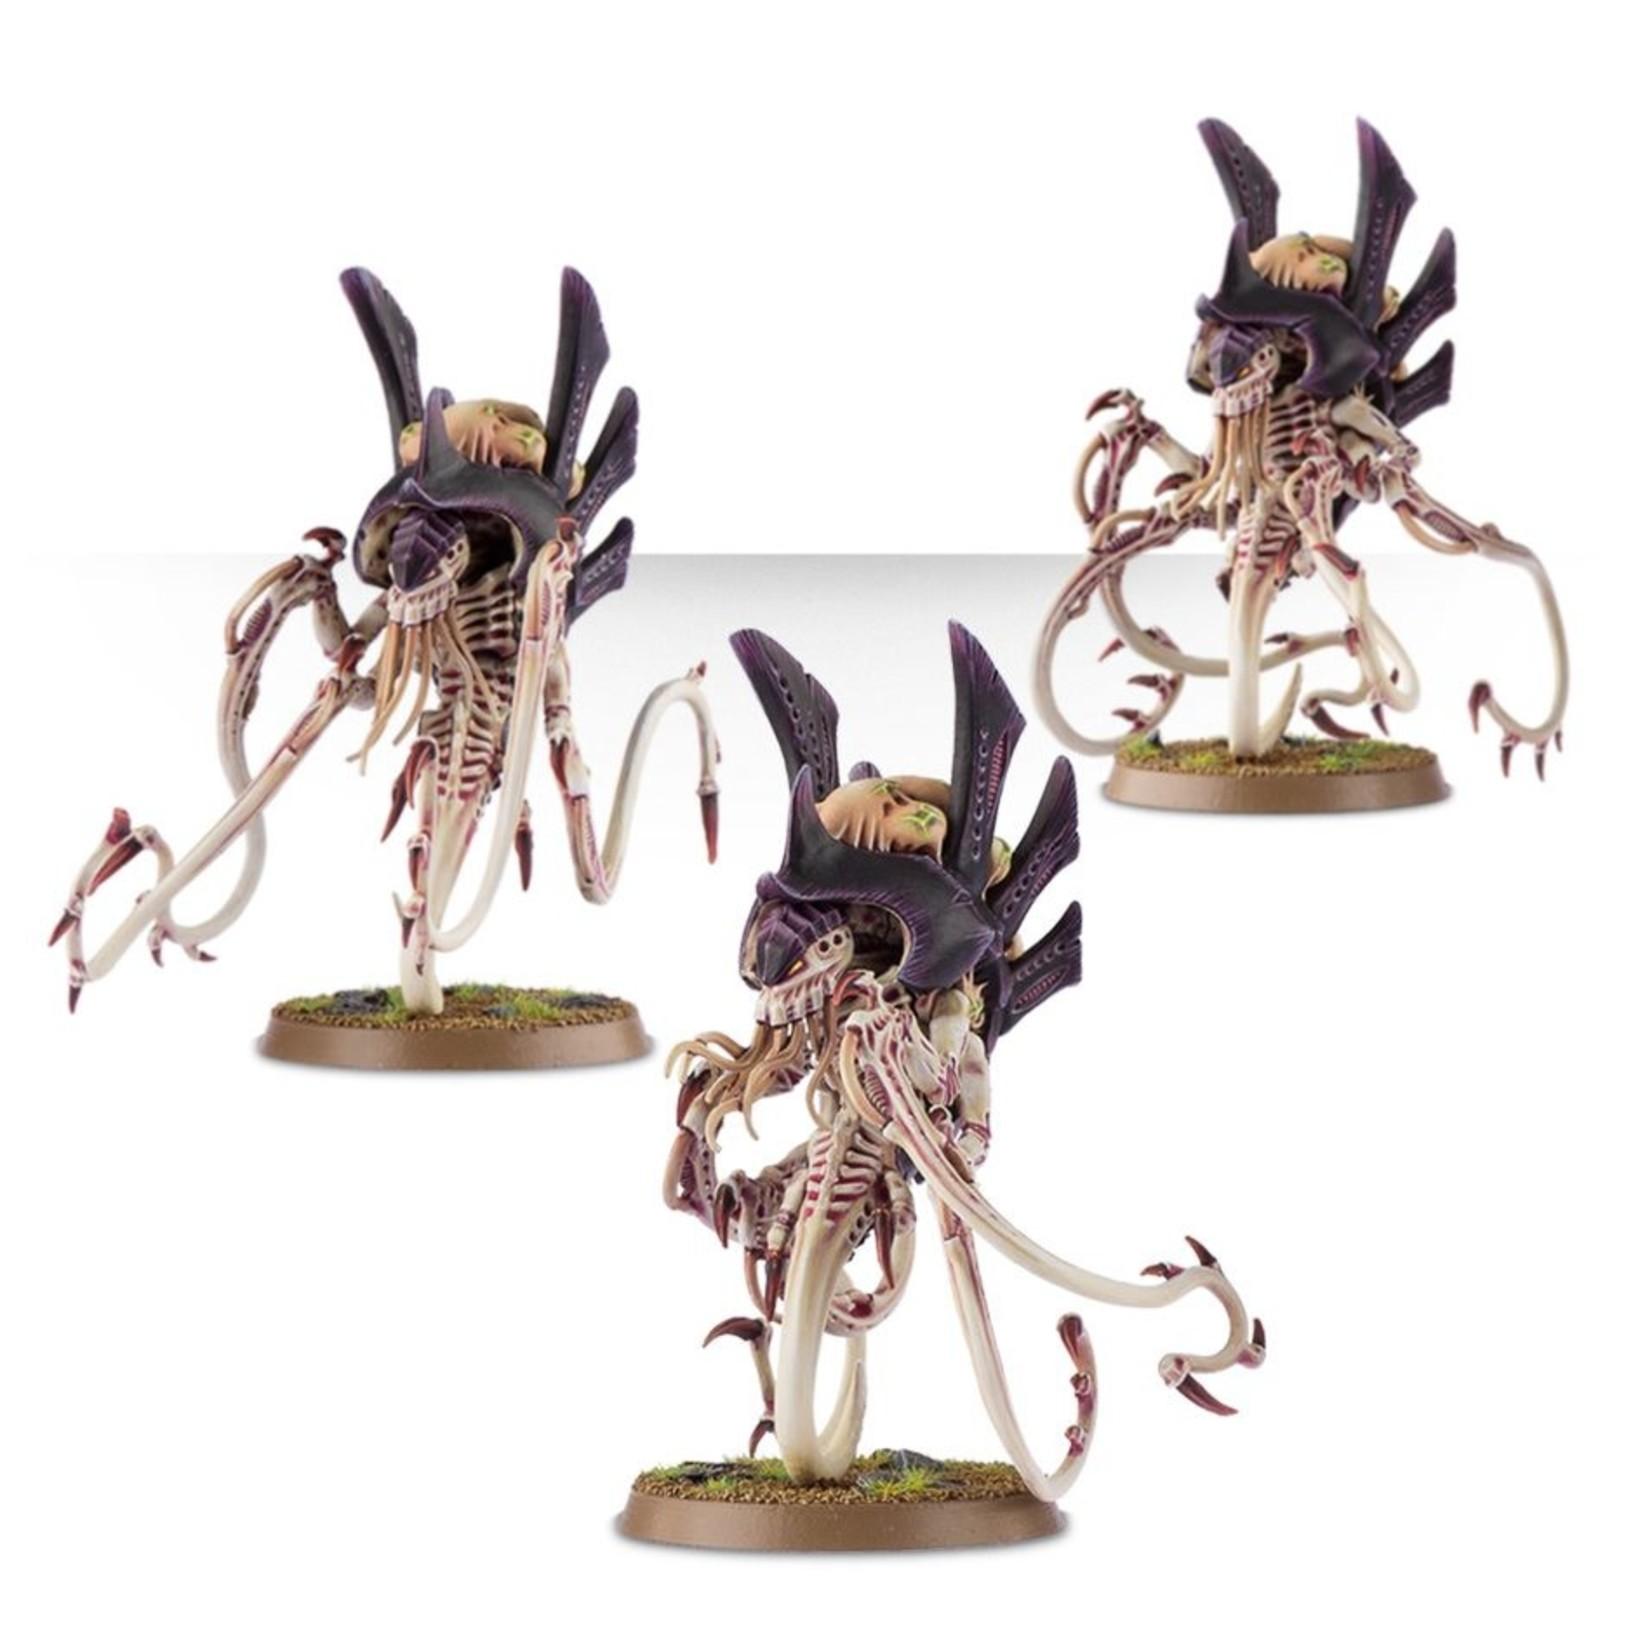 Games Workshop Tyranid Venomthropes/Zoanthropes